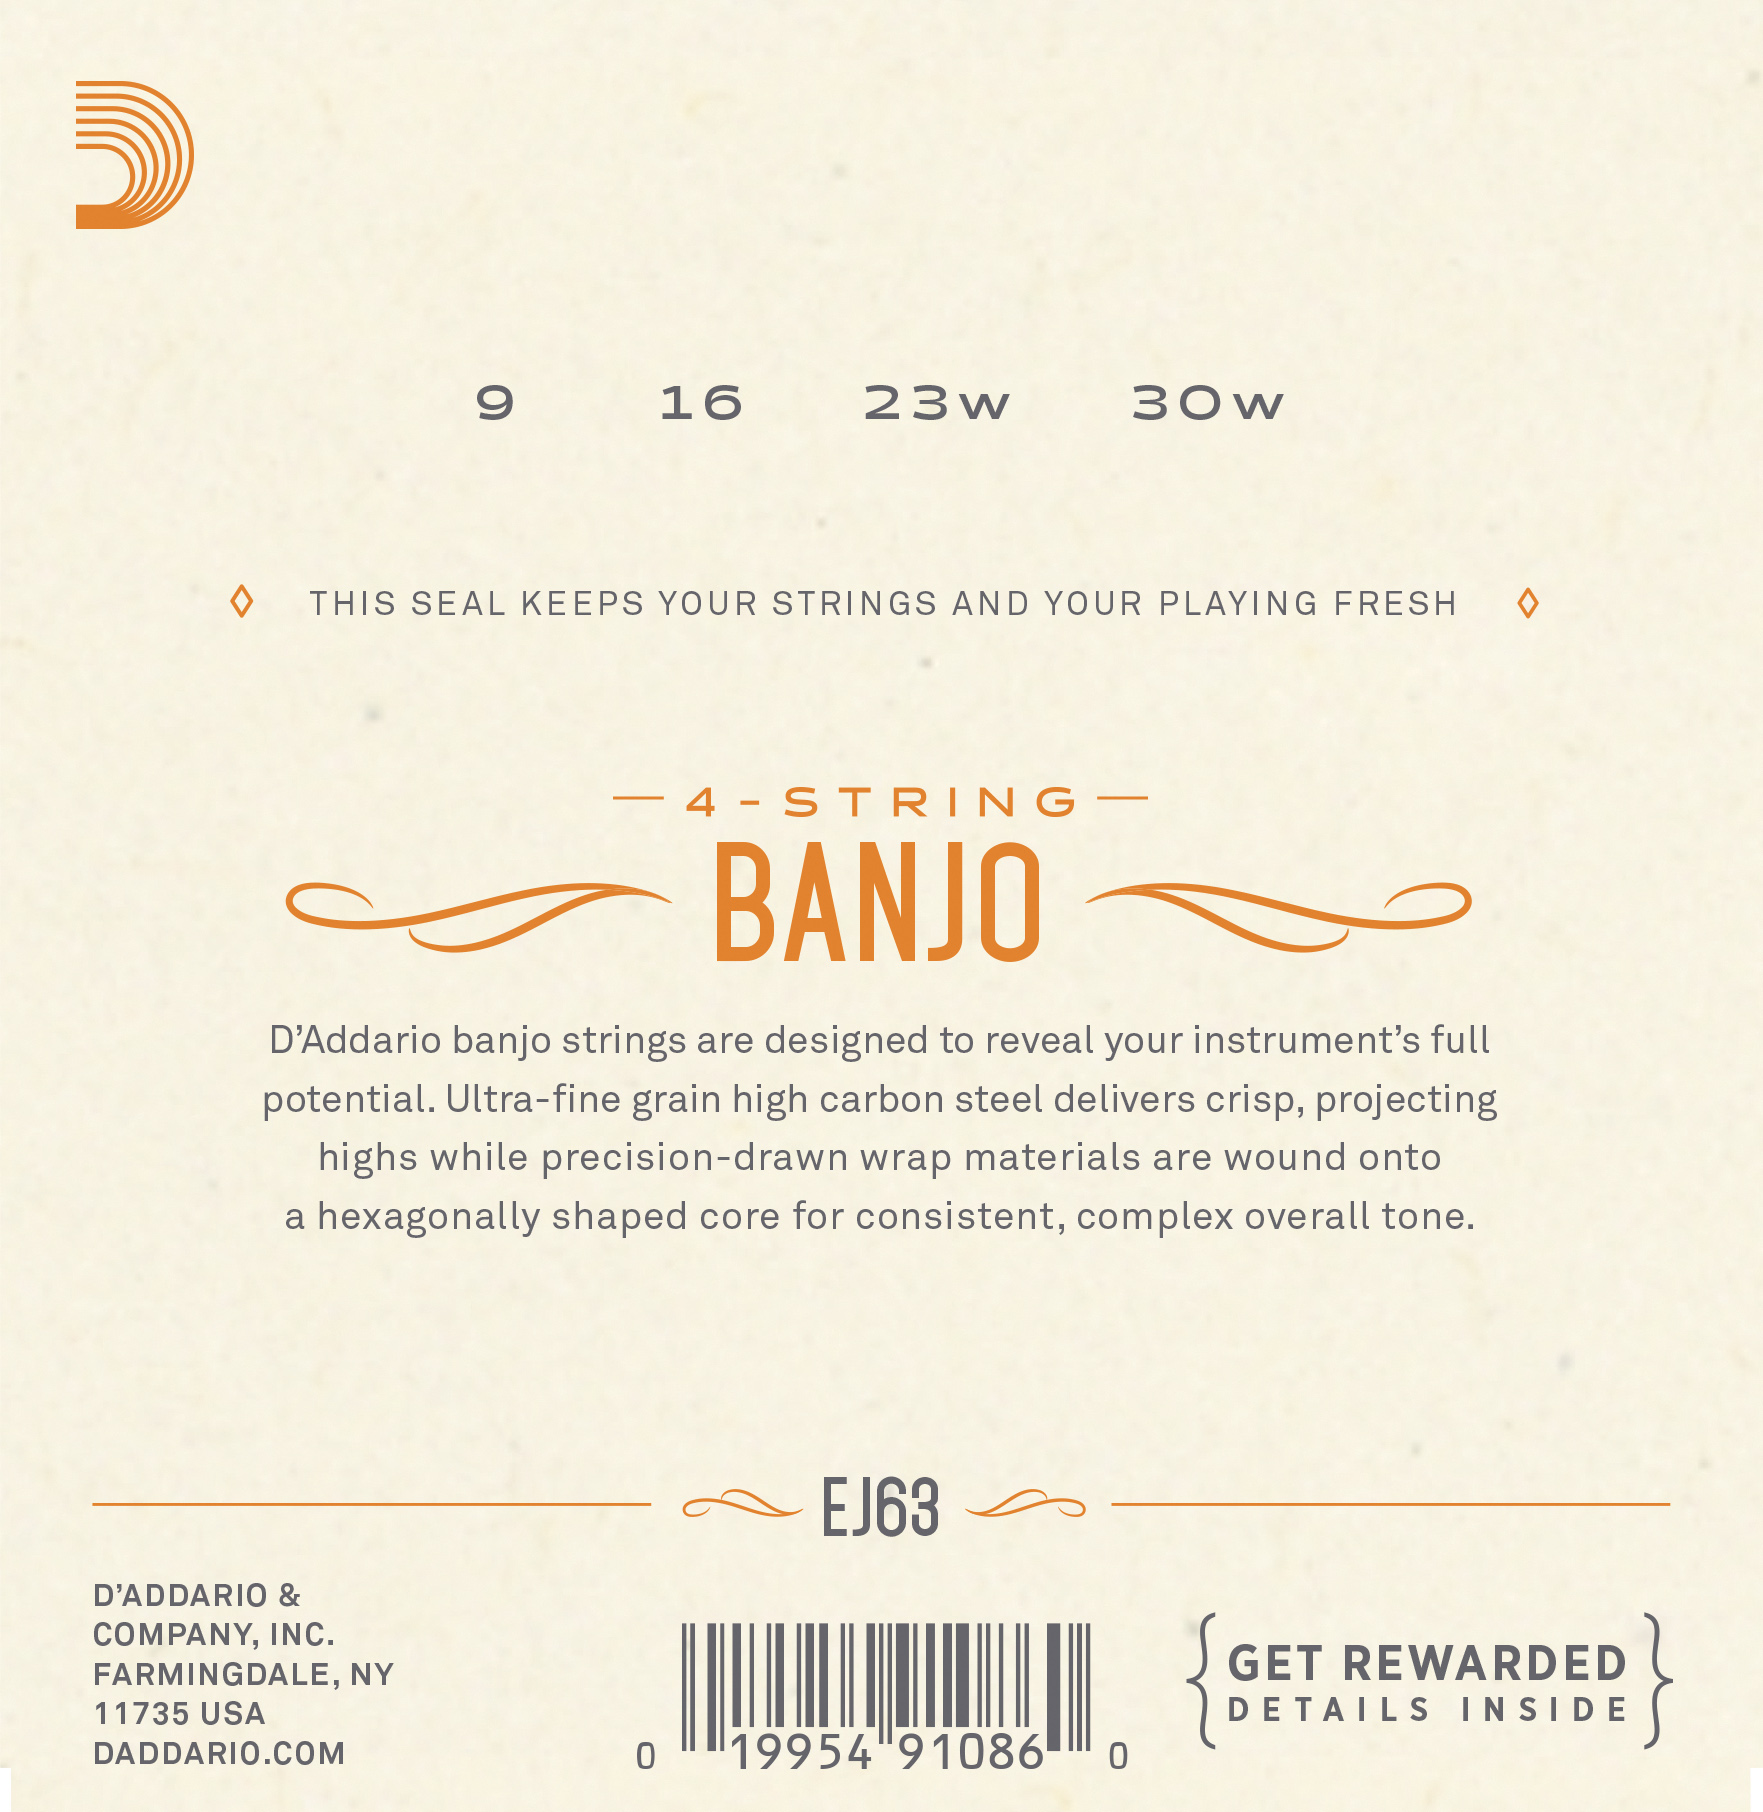 D'Addario EJ63 Tenor Banjo Strings 9-30 Nickel